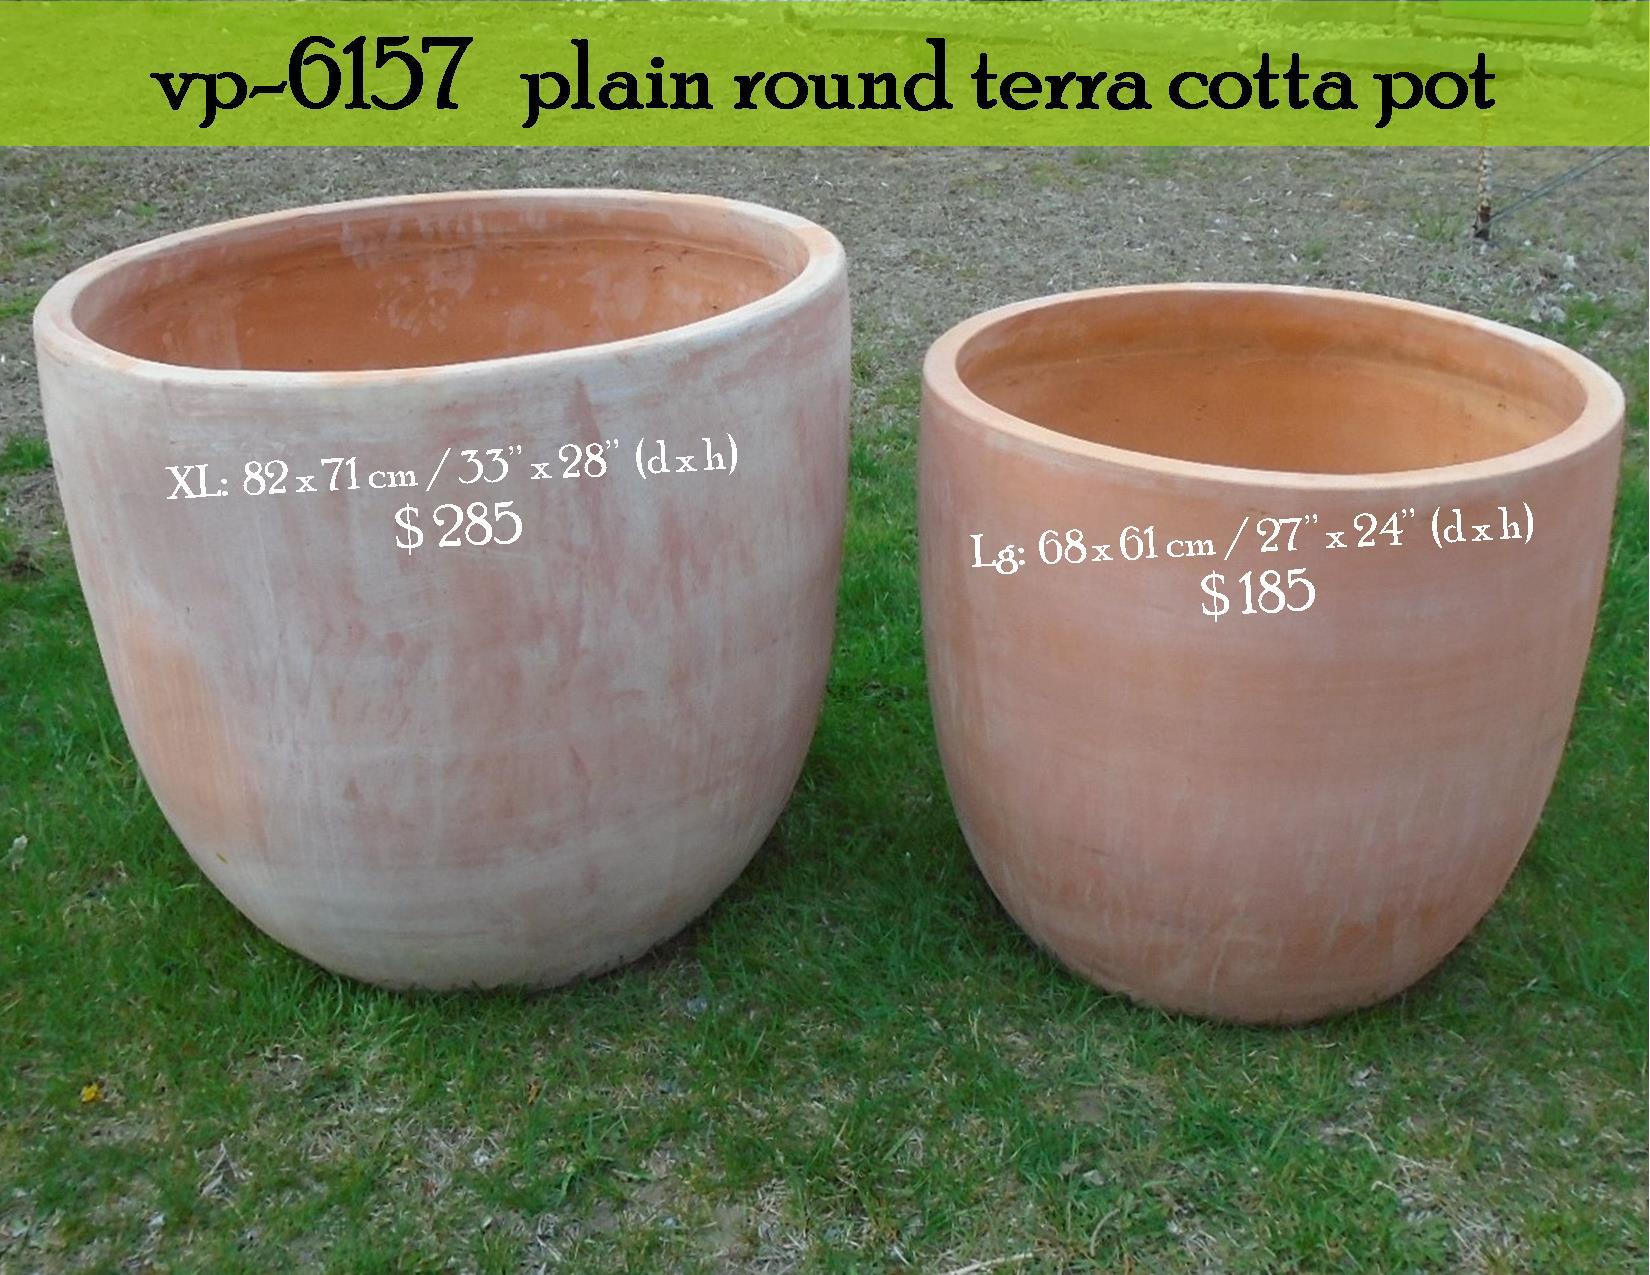 vp-6157   plain round terra cotta pot